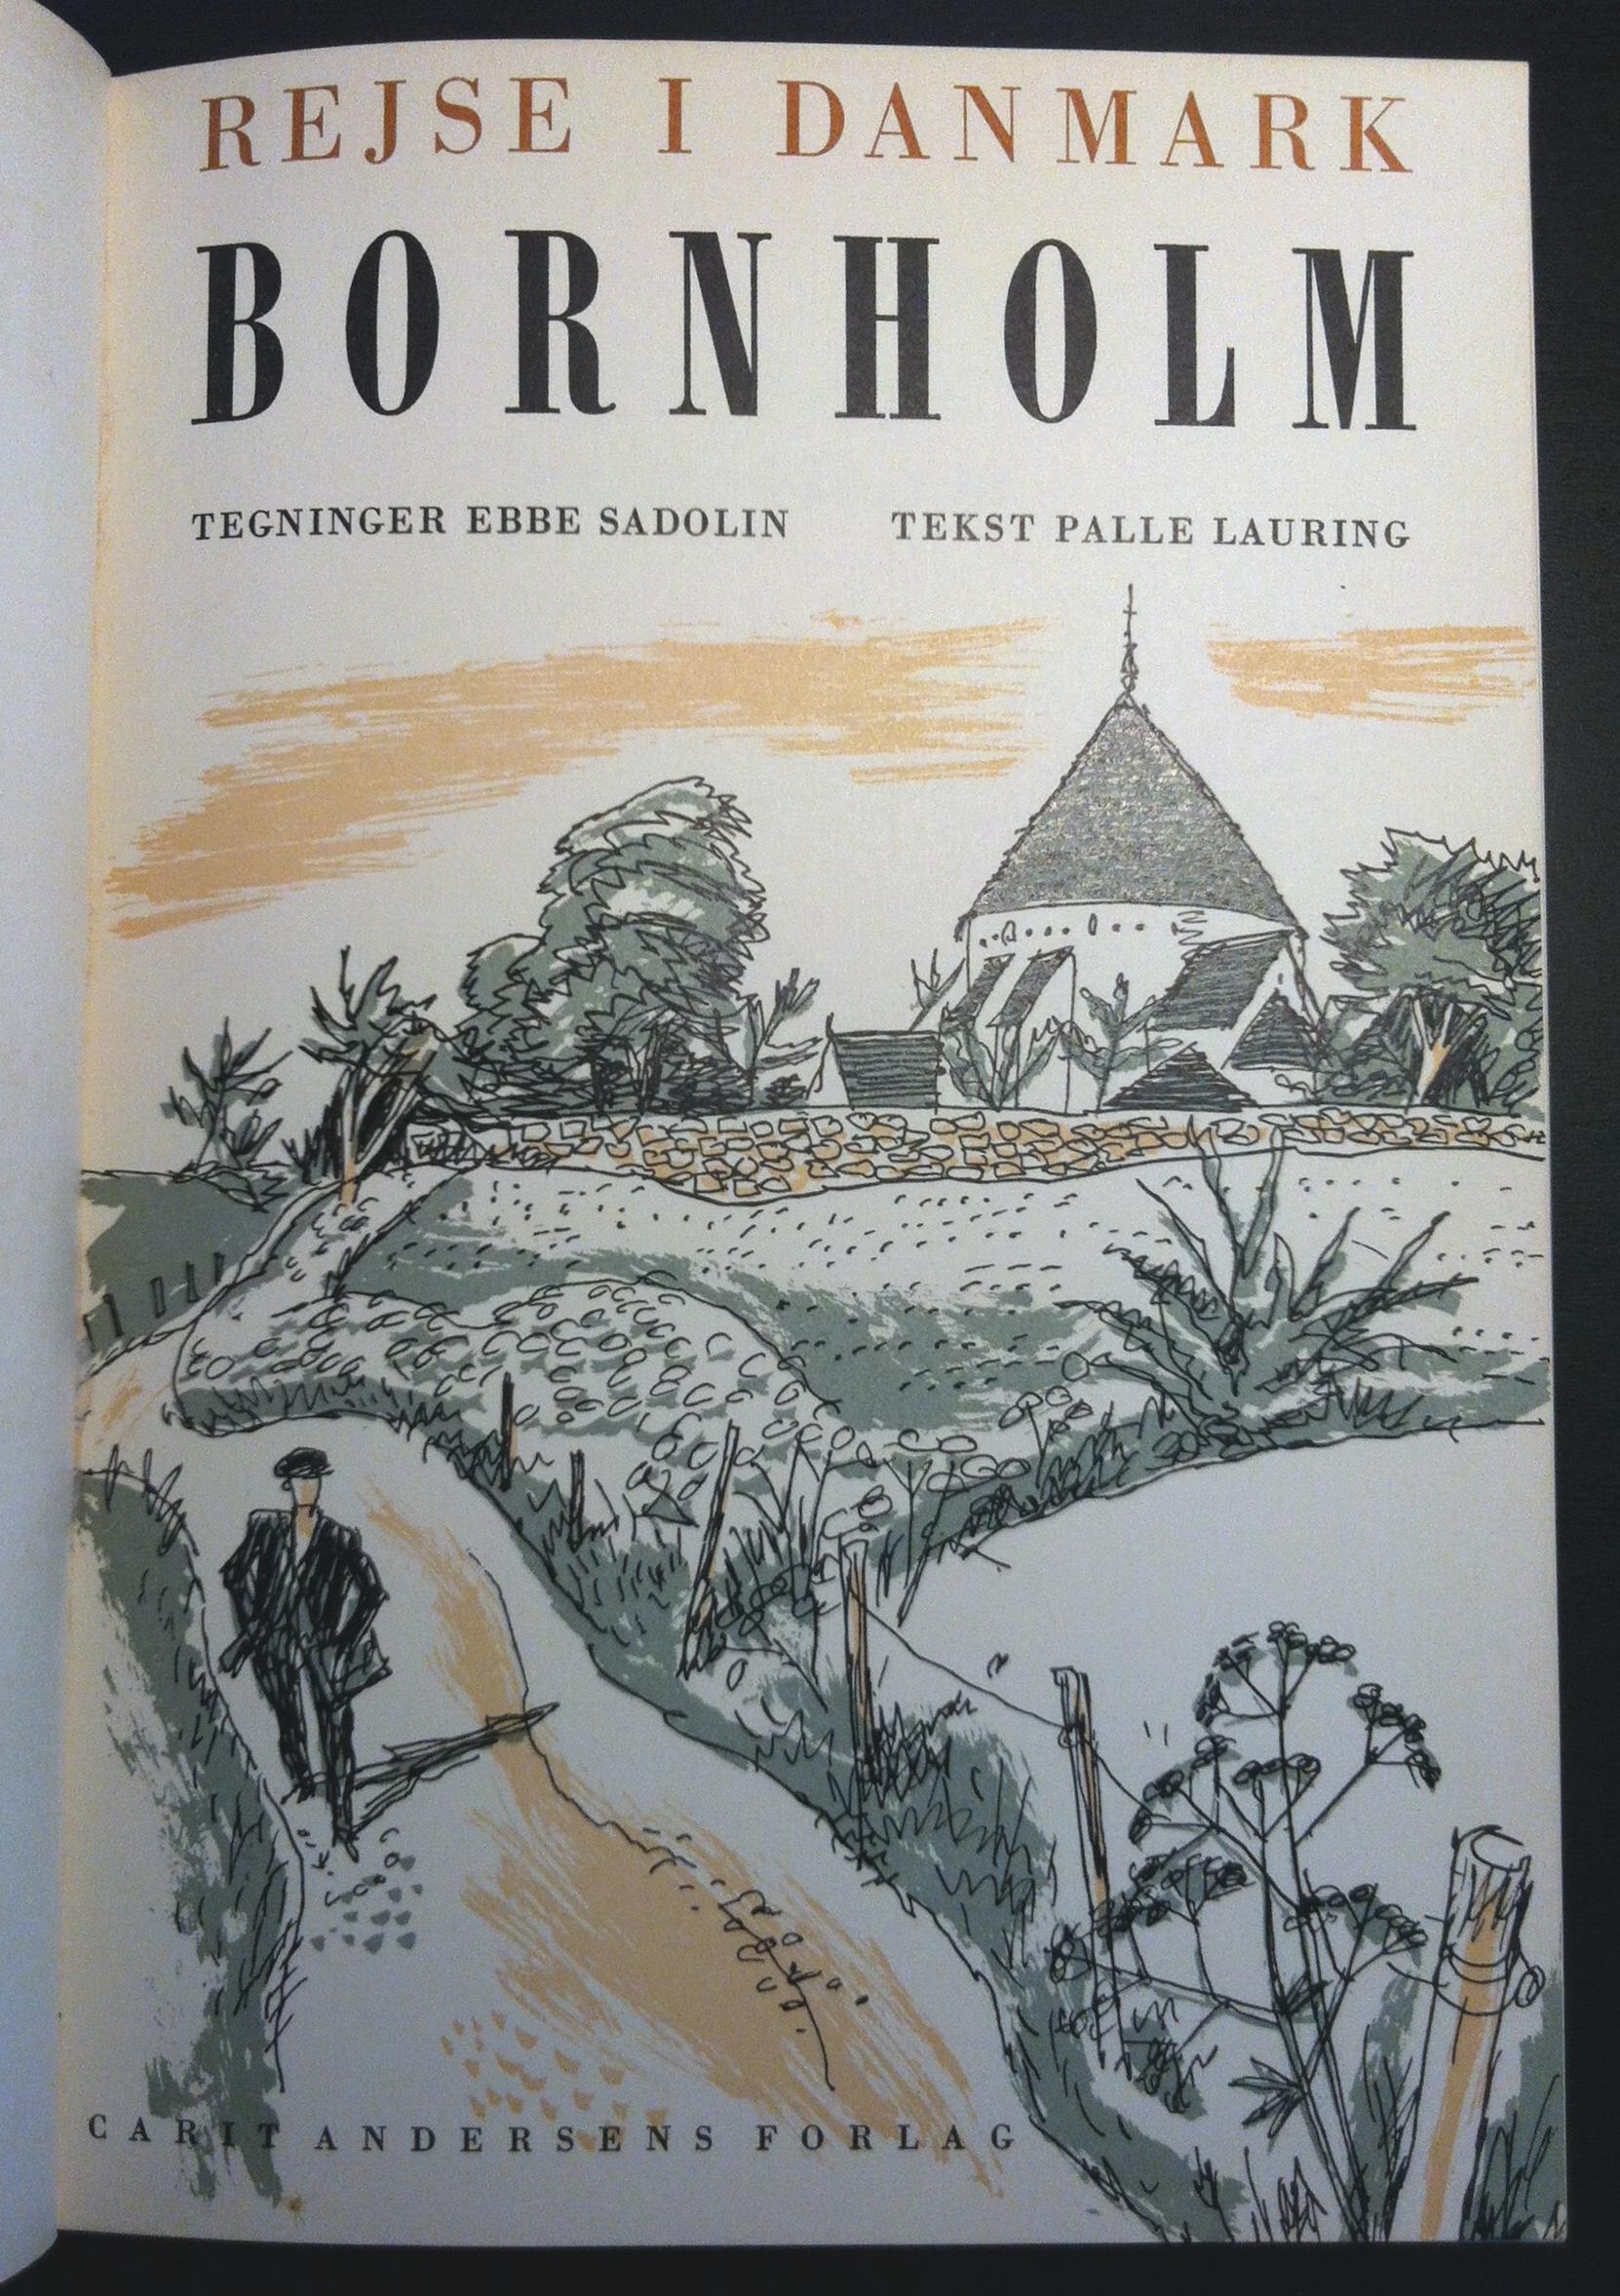 Rejse i Danmark Bornholm2